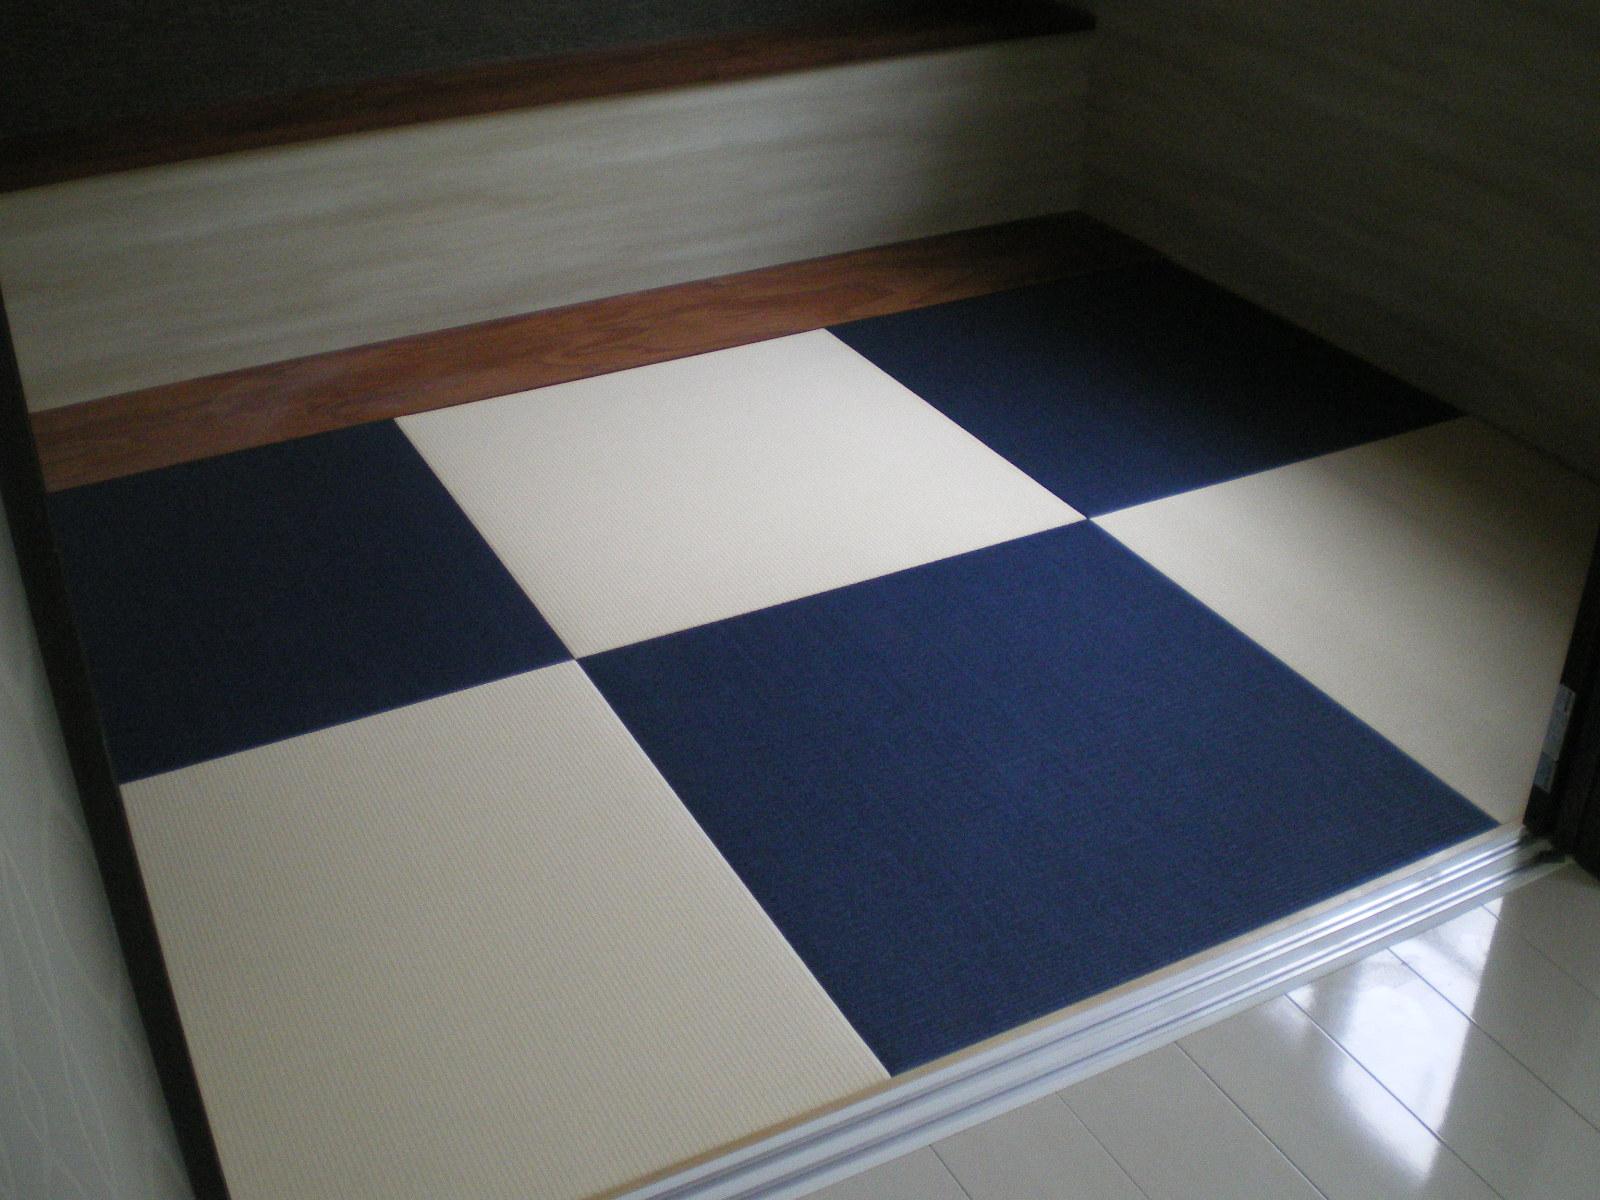 へりなし琉球畳(藍色×乳白色)